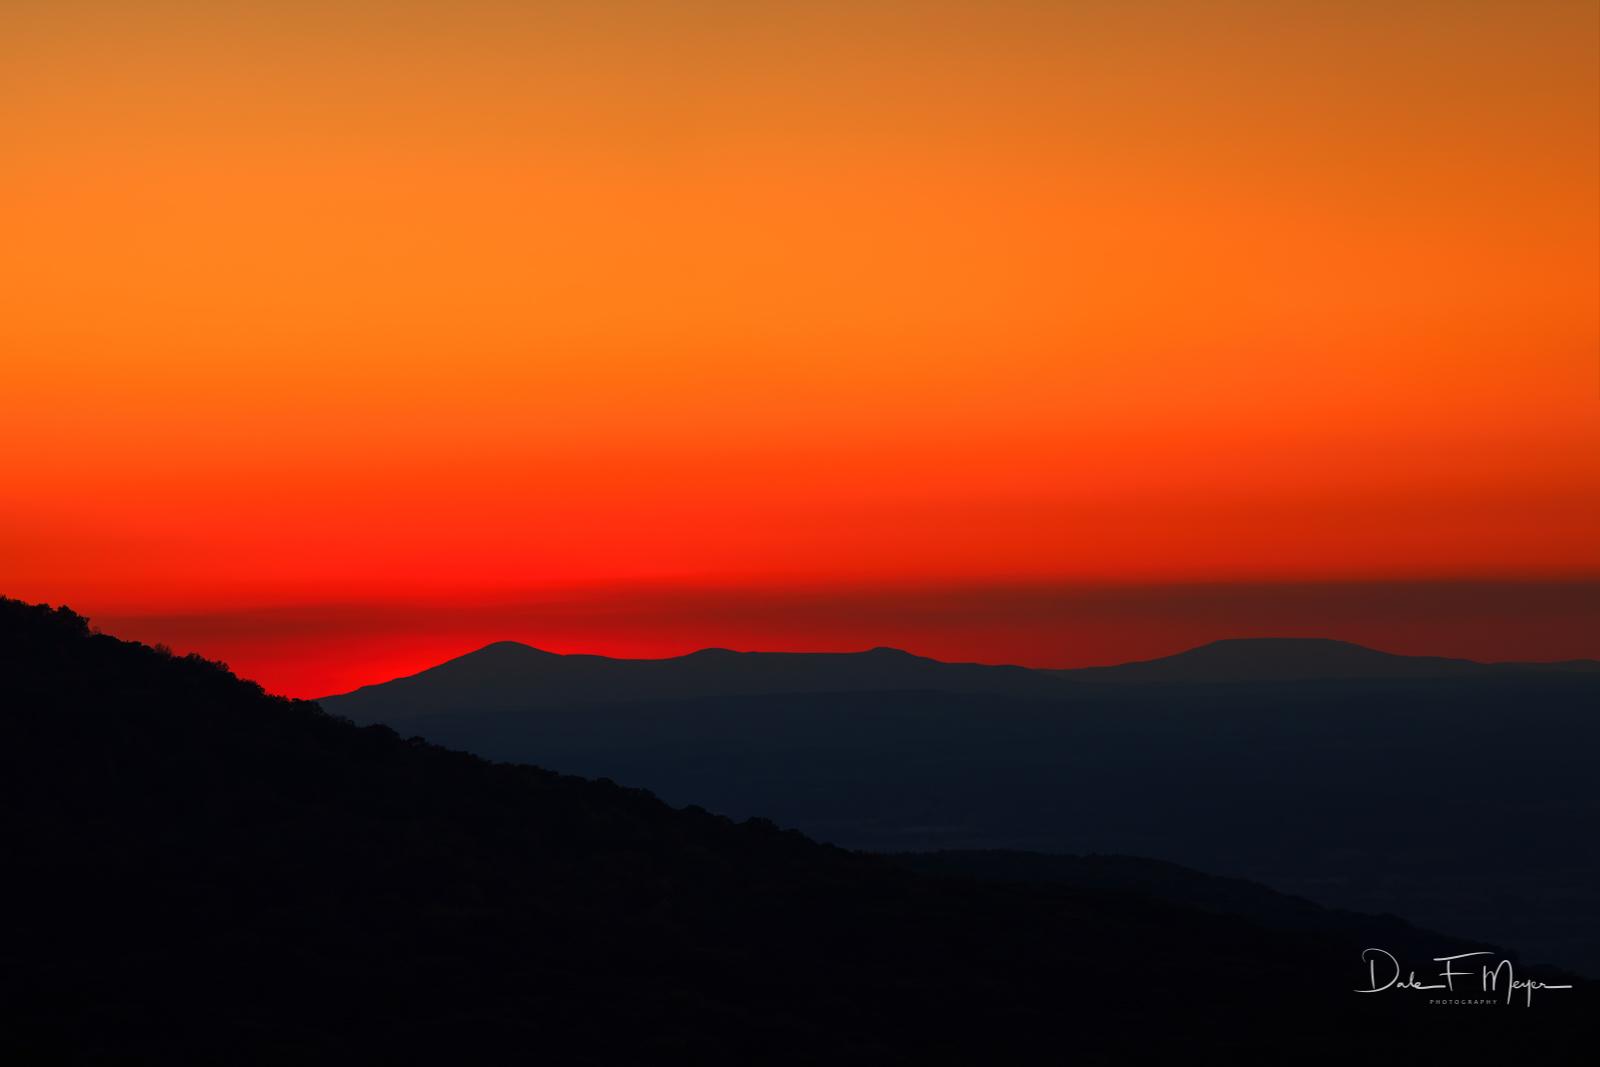 Mount Magazine, Mountains and Overlooks Gallerie, sunset, photo